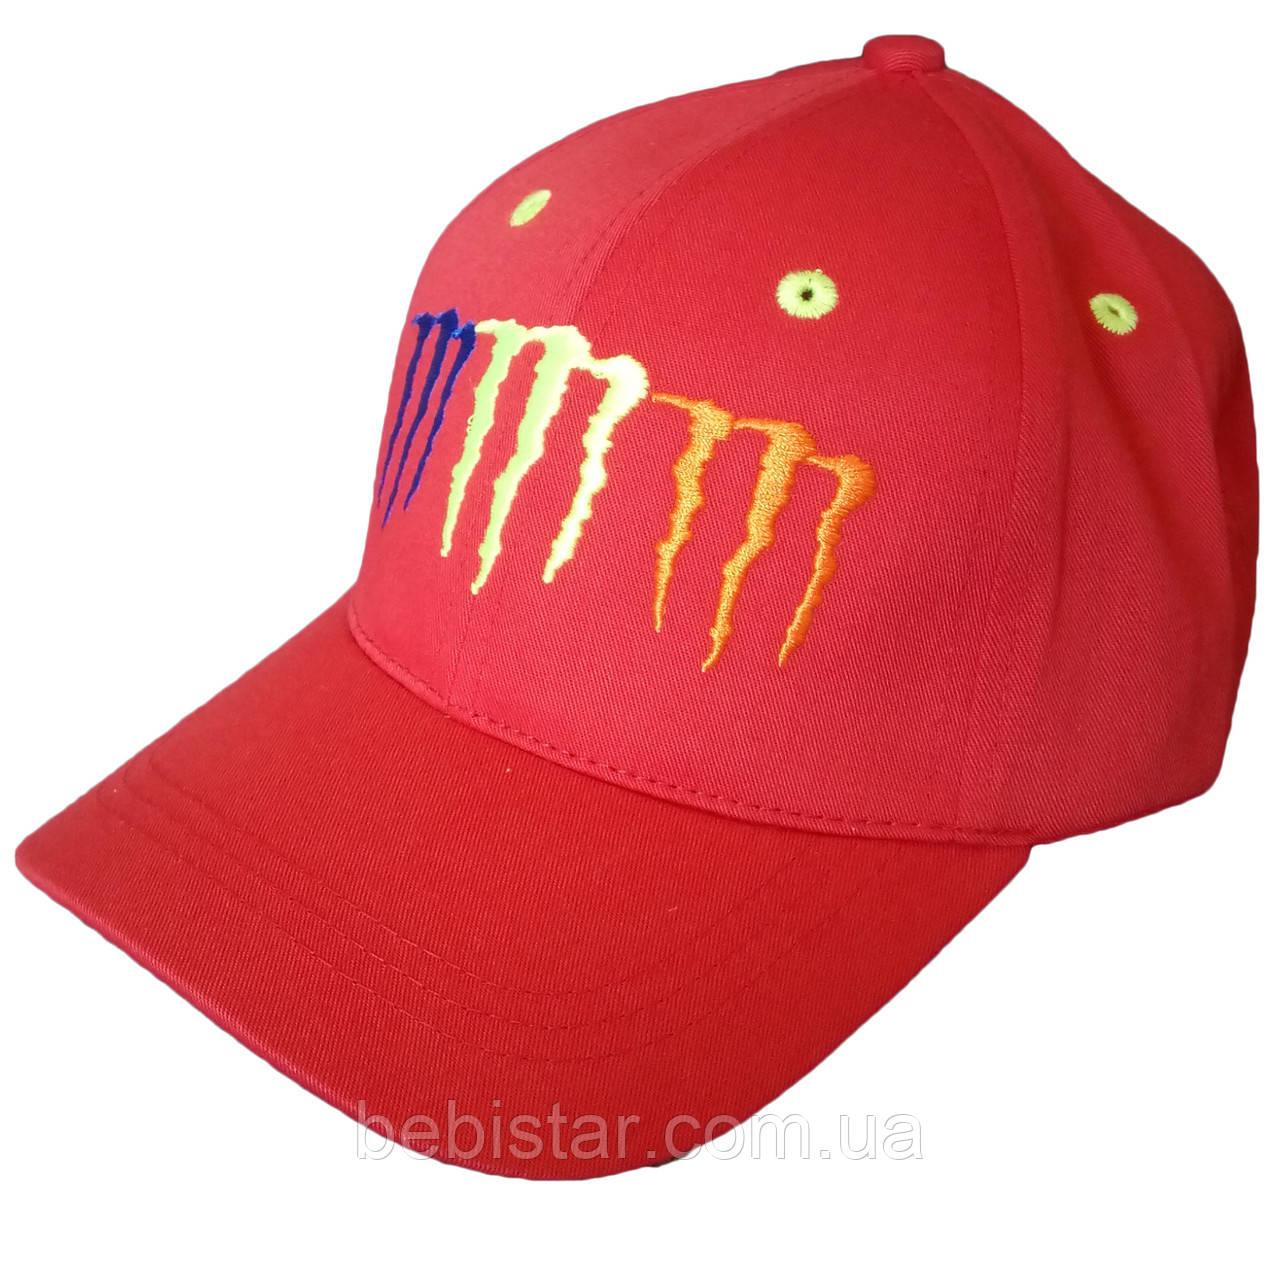 Кепка бейсболка красная для мальчика